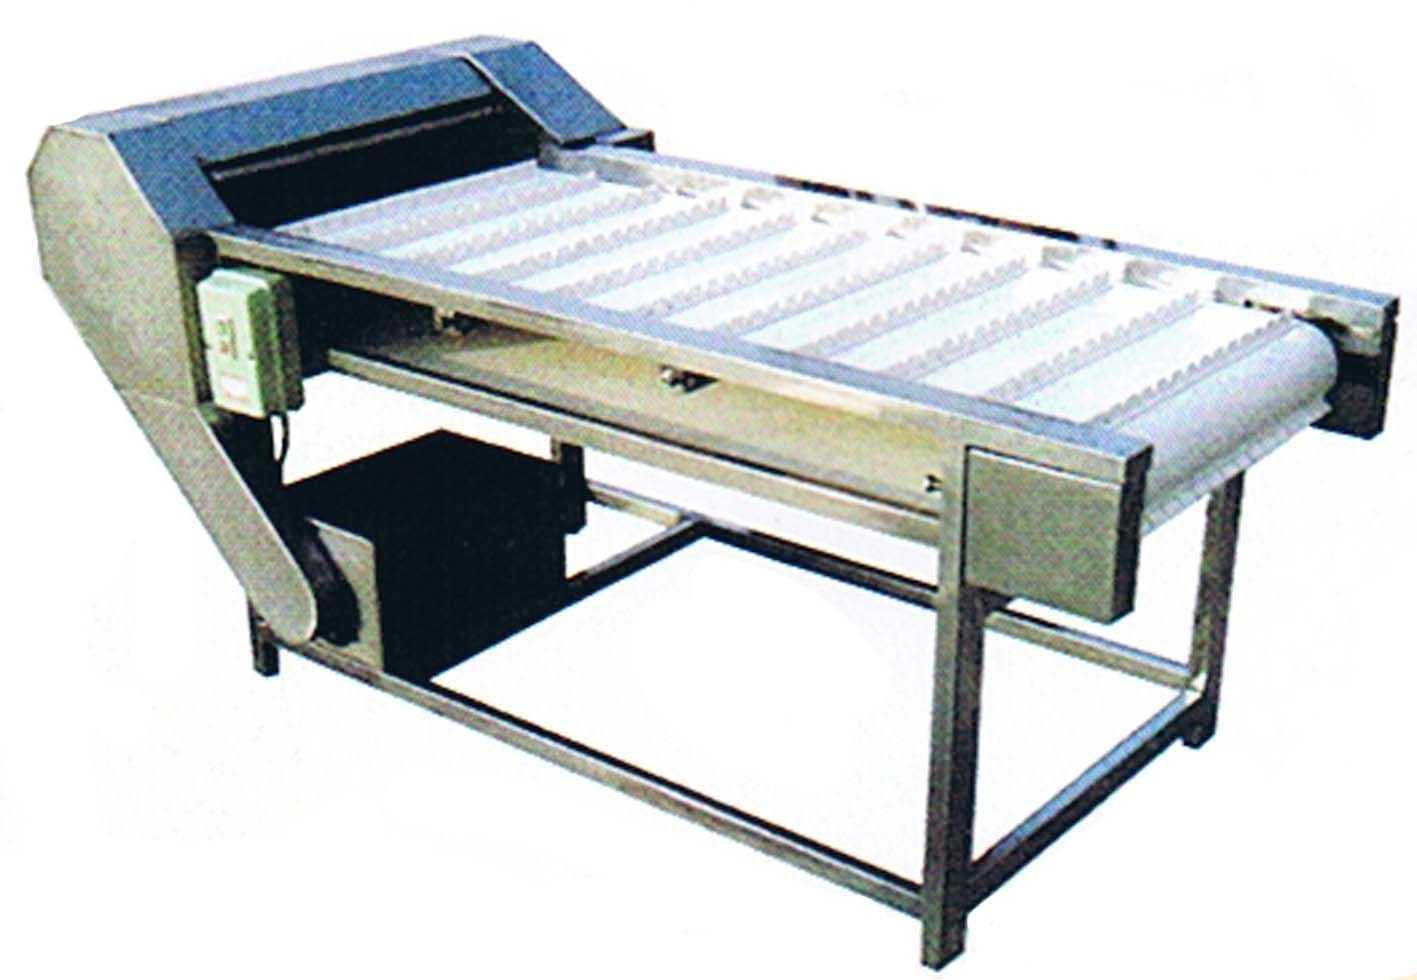 蔬菜切断机-供求商机-山东瑞帆食品机械有限公司